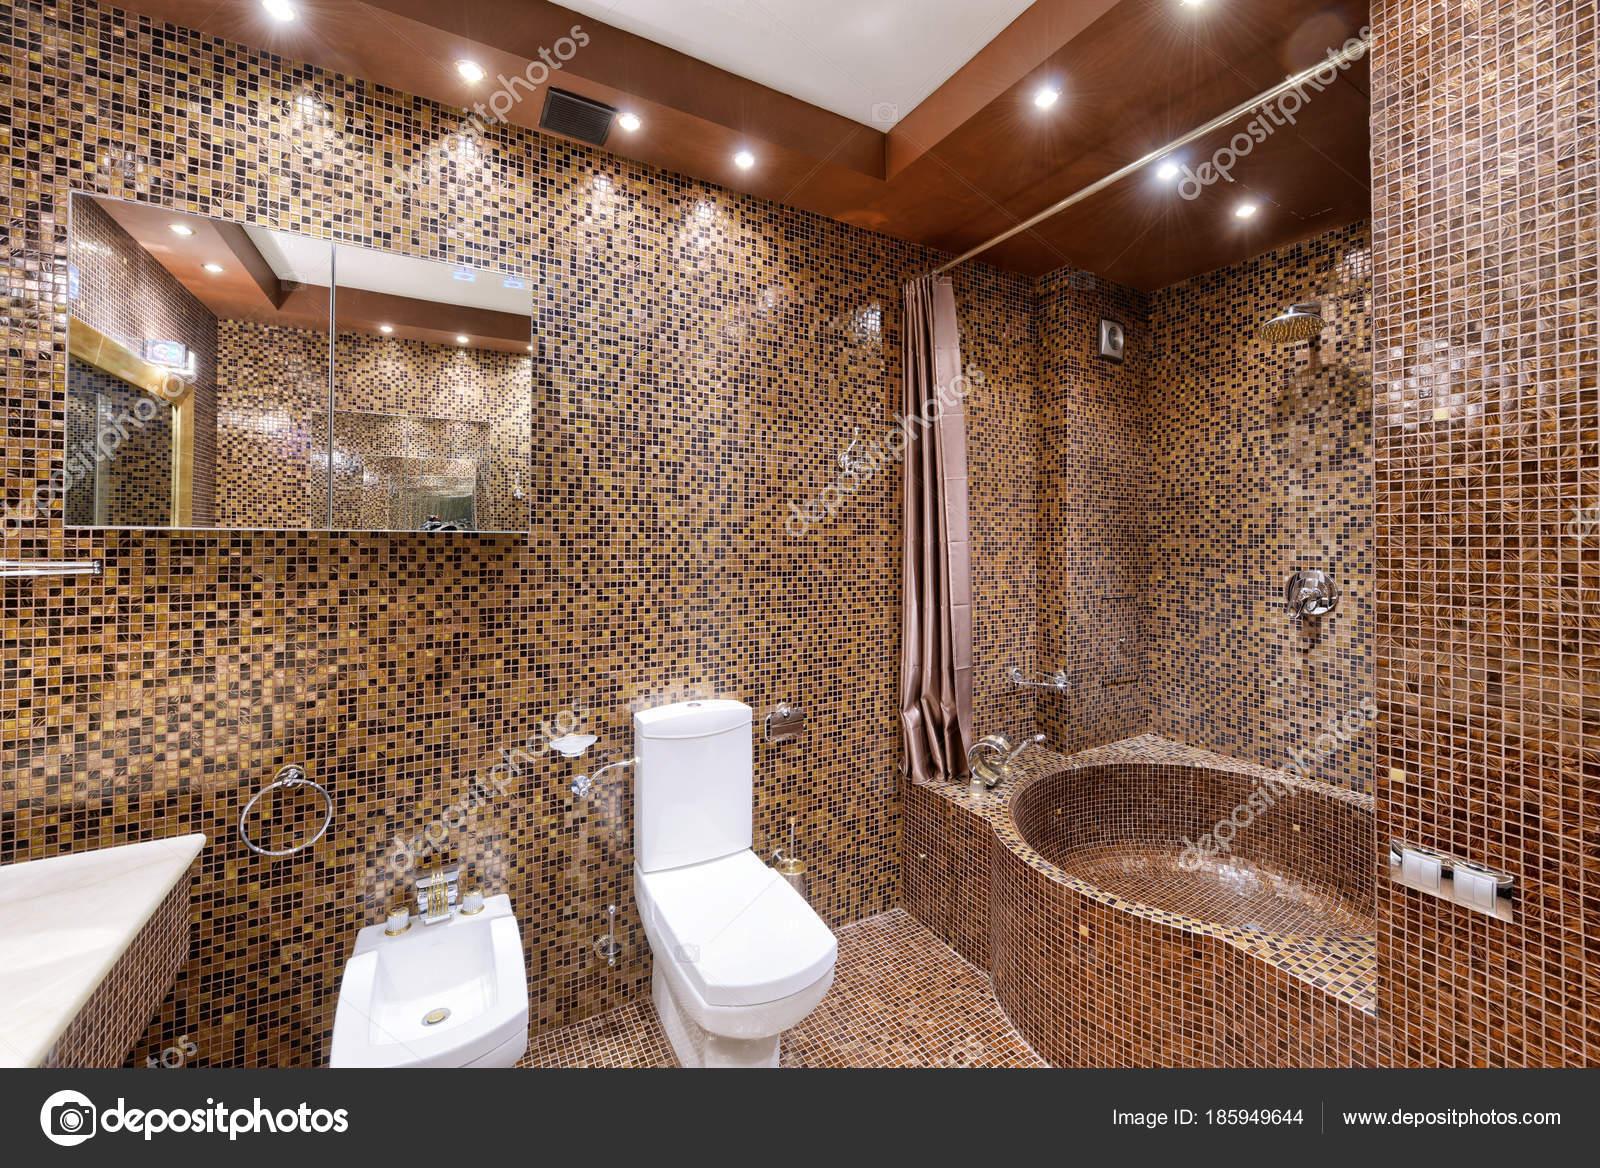 Diseno Interiores Casa Lujo Cuarto Bano Elegante Fotos De Stock - Casa-de-diseo-de-interiores